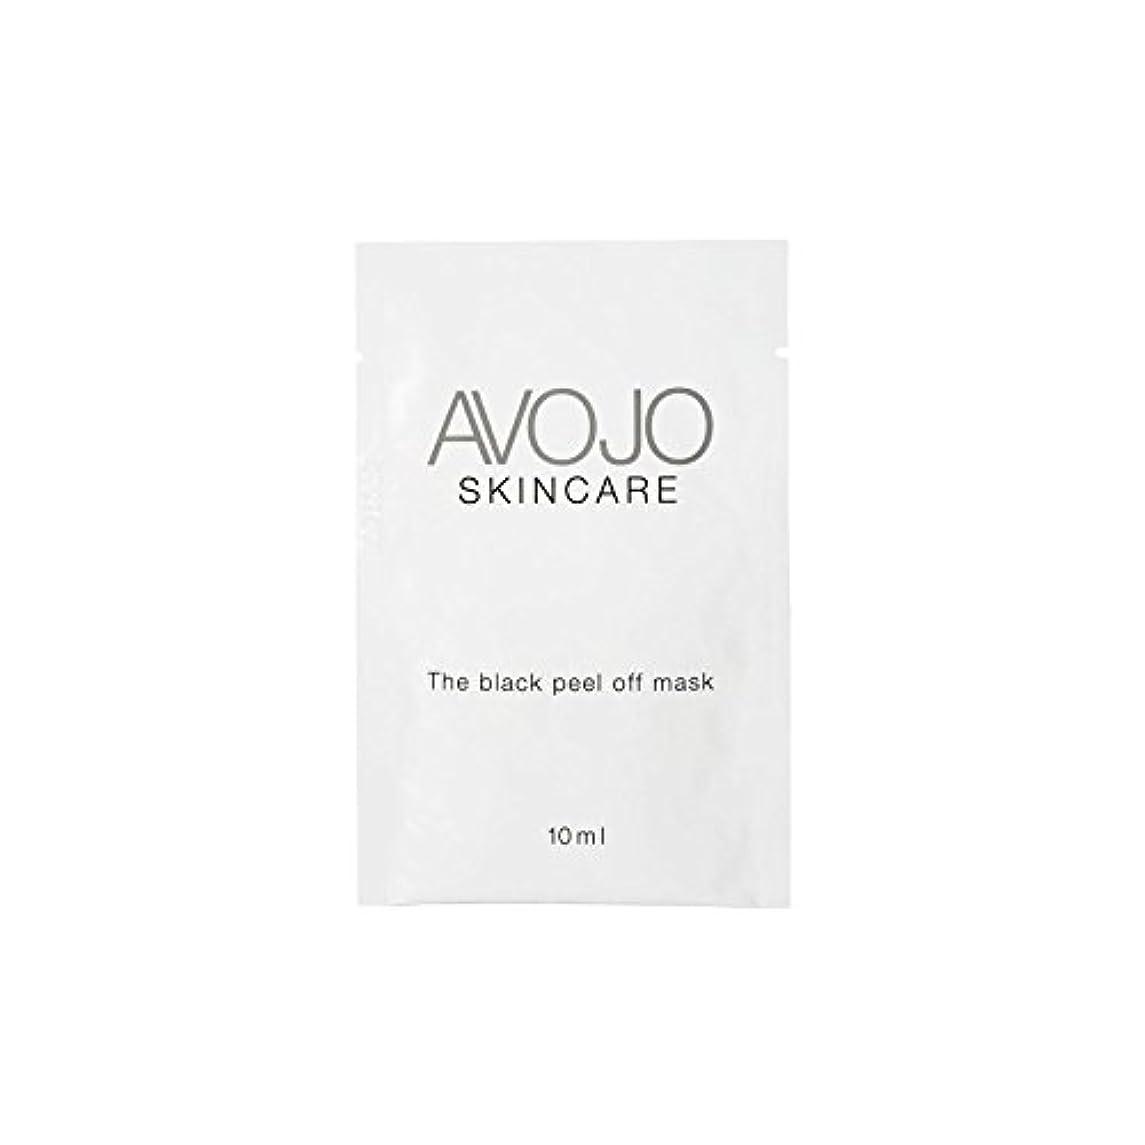 合わせて調査見る人Avojo - The Black Peel Off Mask - Sachet (10ml X 4) - - ブラックピールオフマスク - 小袋(10ミリリットル×4) [並行輸入品]